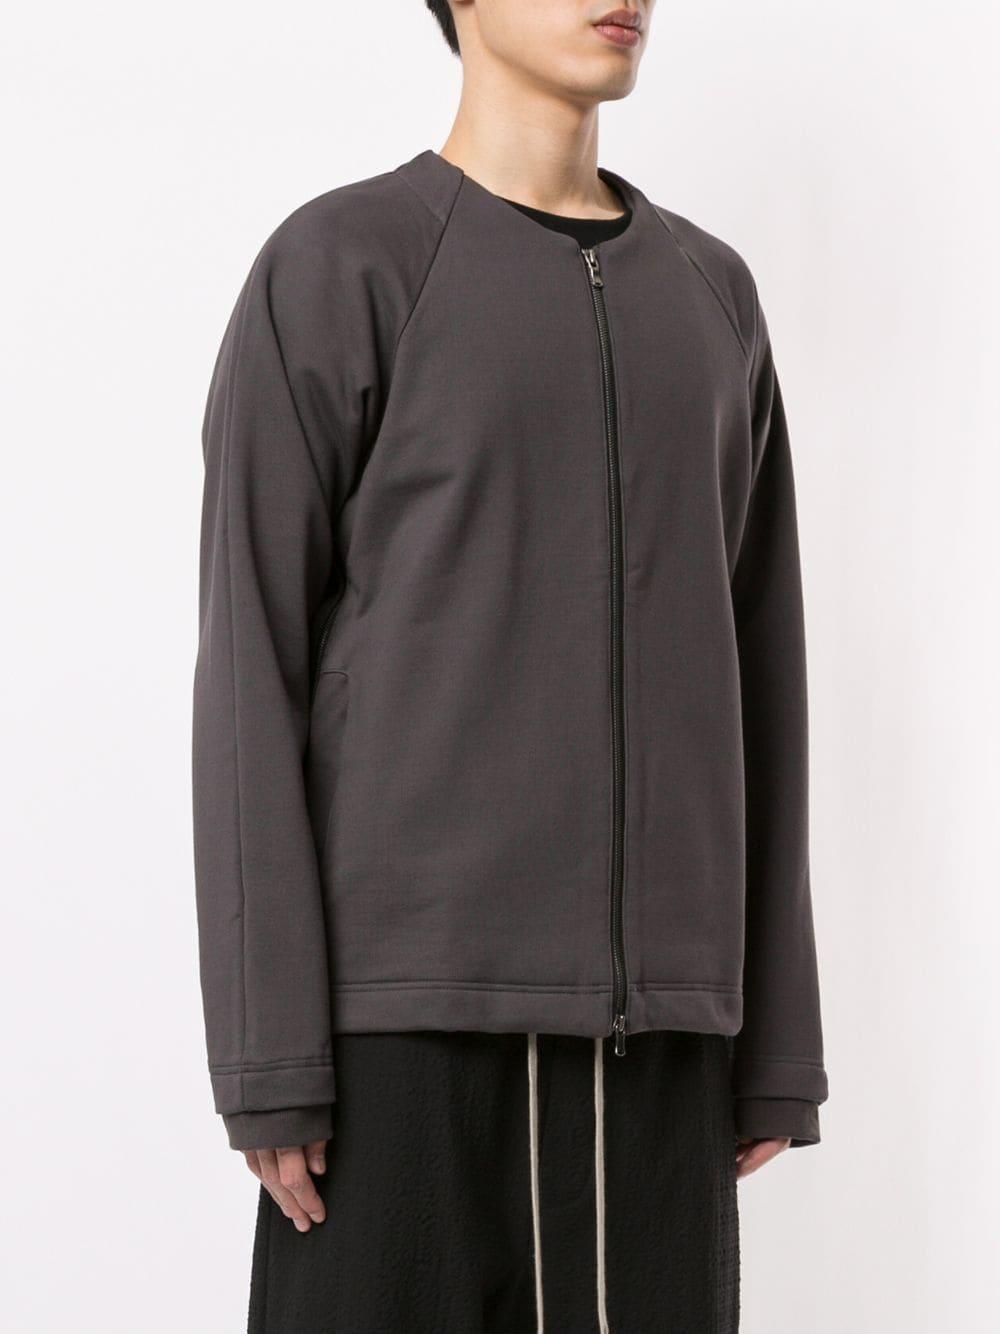 The Viridi-anne Katoen Sweater Met Rits in het Grijs voor heren